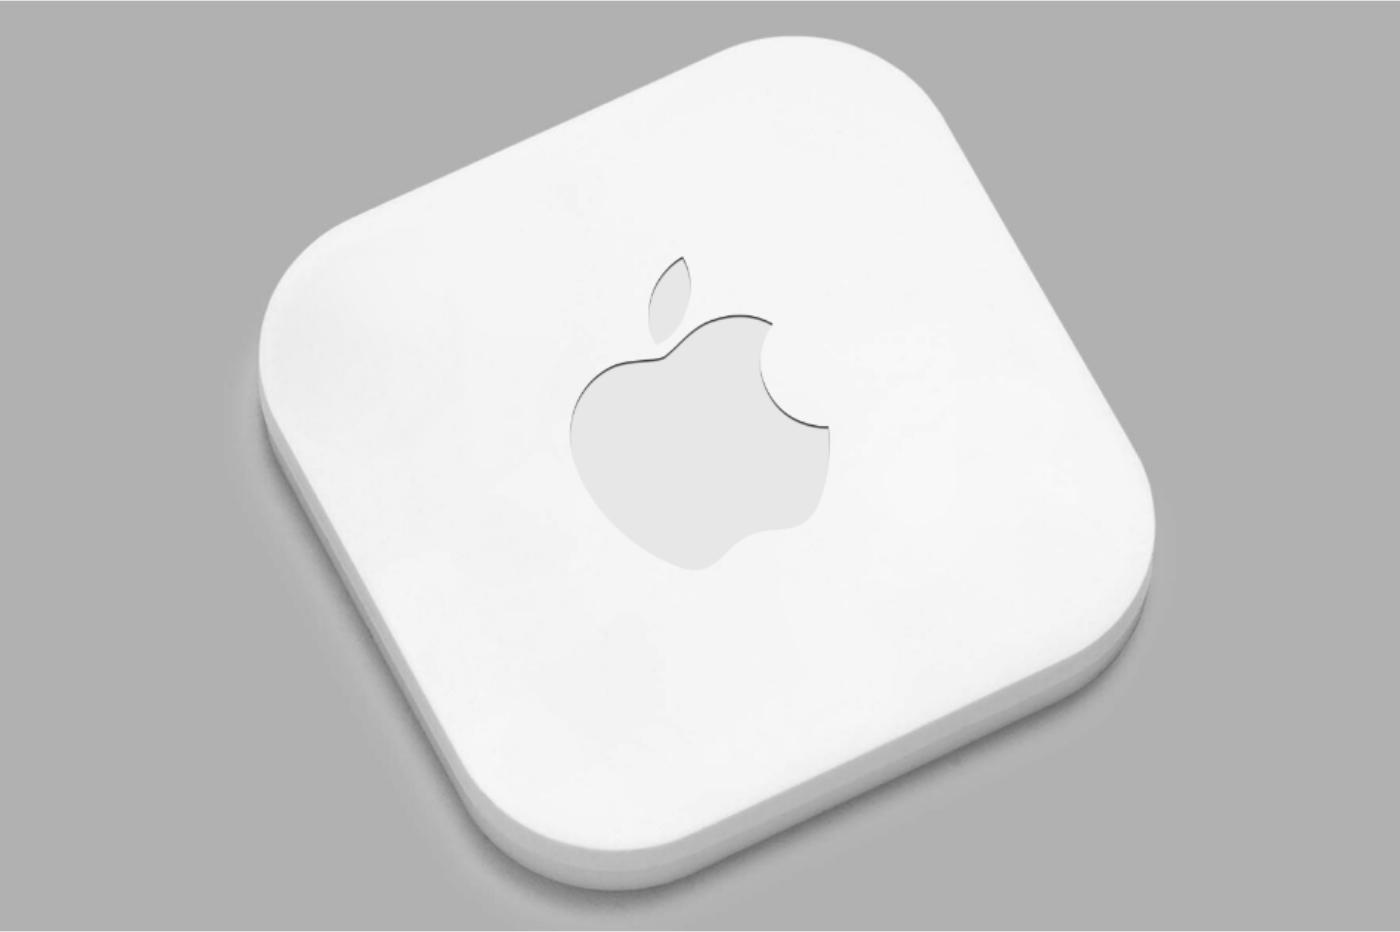 Apple : Pourquoi Apple est très bien ?